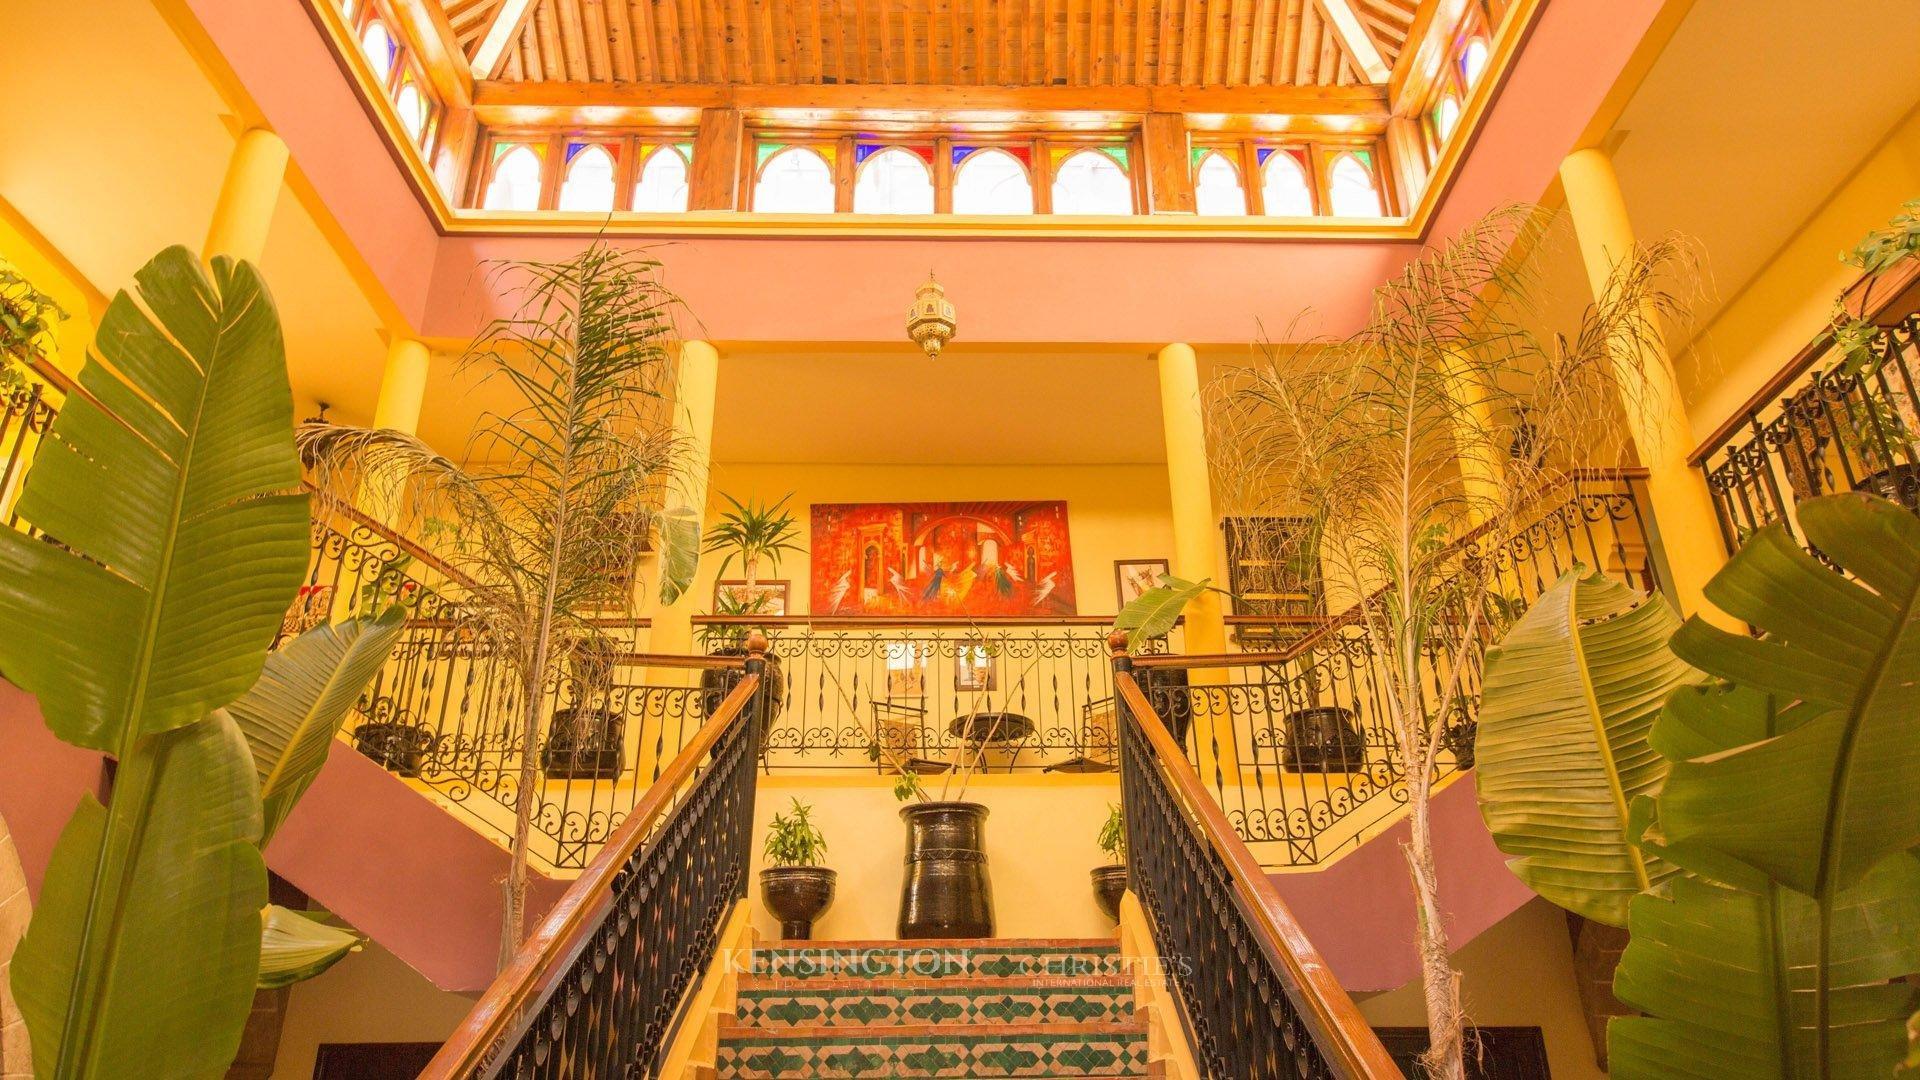 KPPM00852: Villa Edith Luxury Villa Essaouira Morocco